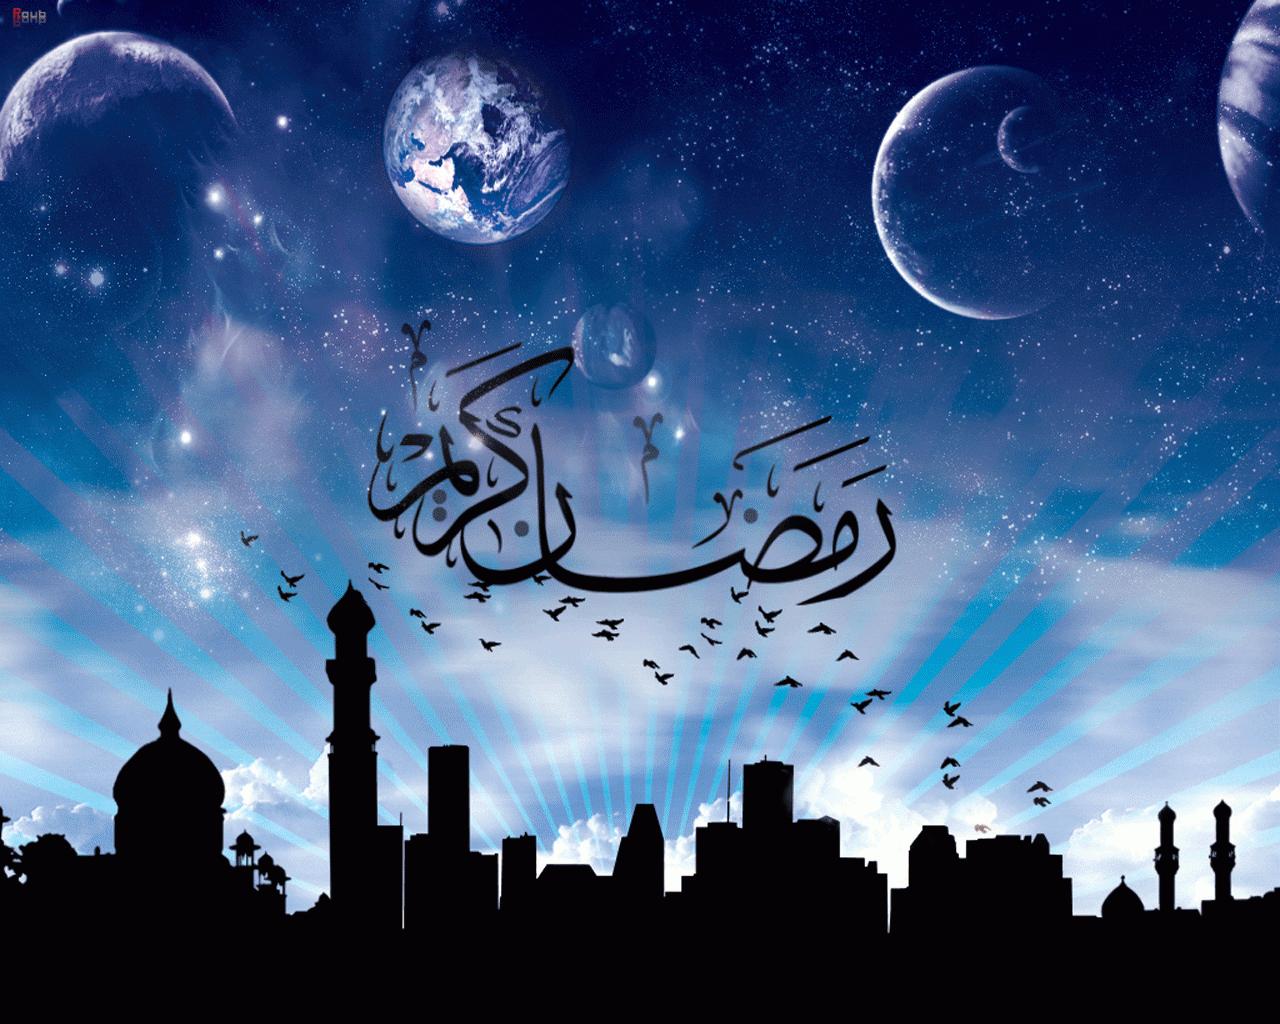 wallpaper kartun ramadhan